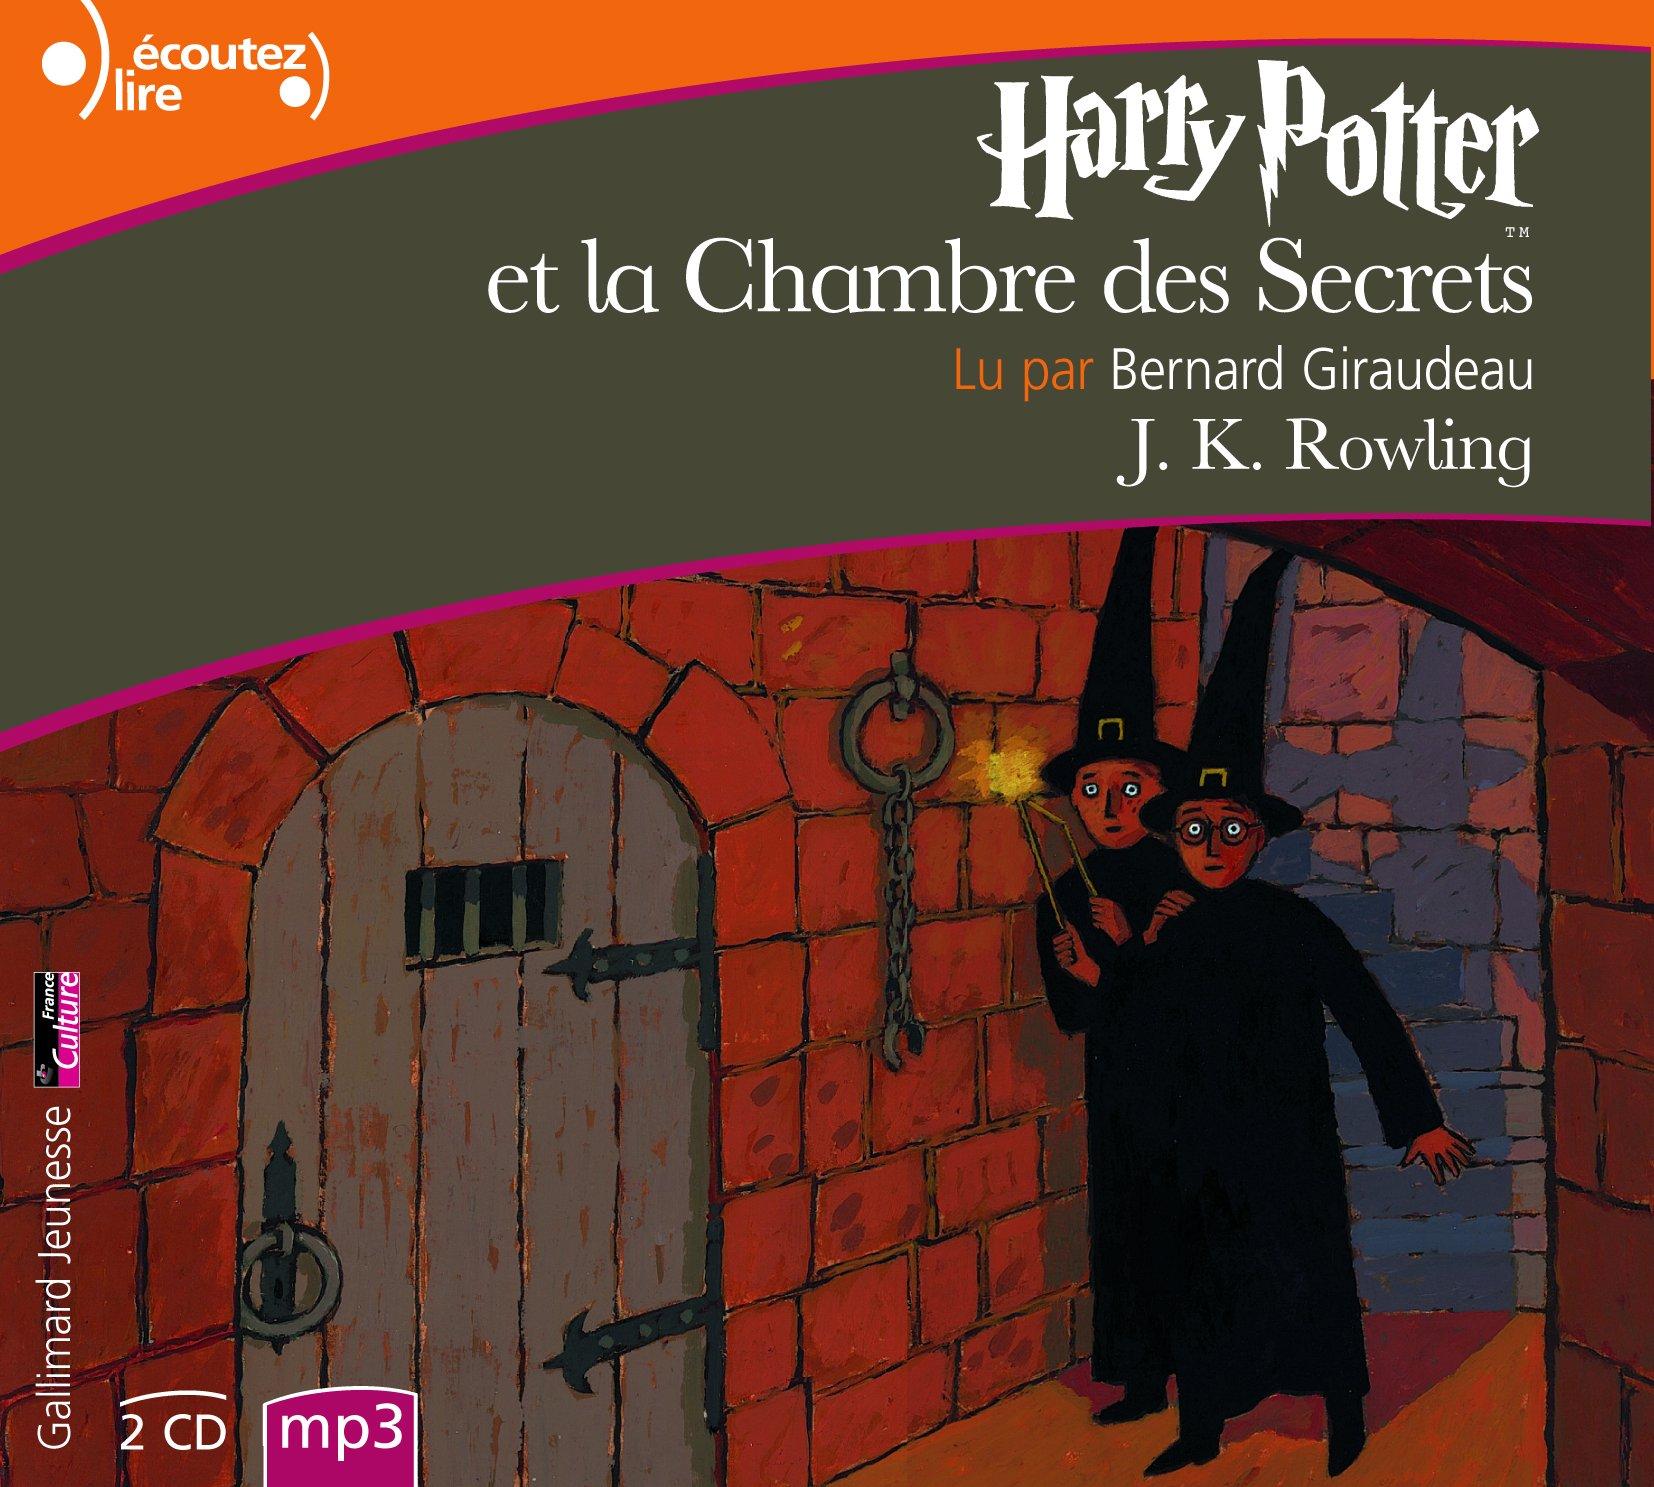 Harry Potter Et La Chambre Des Secrets Mp3 Cd Amazon Co